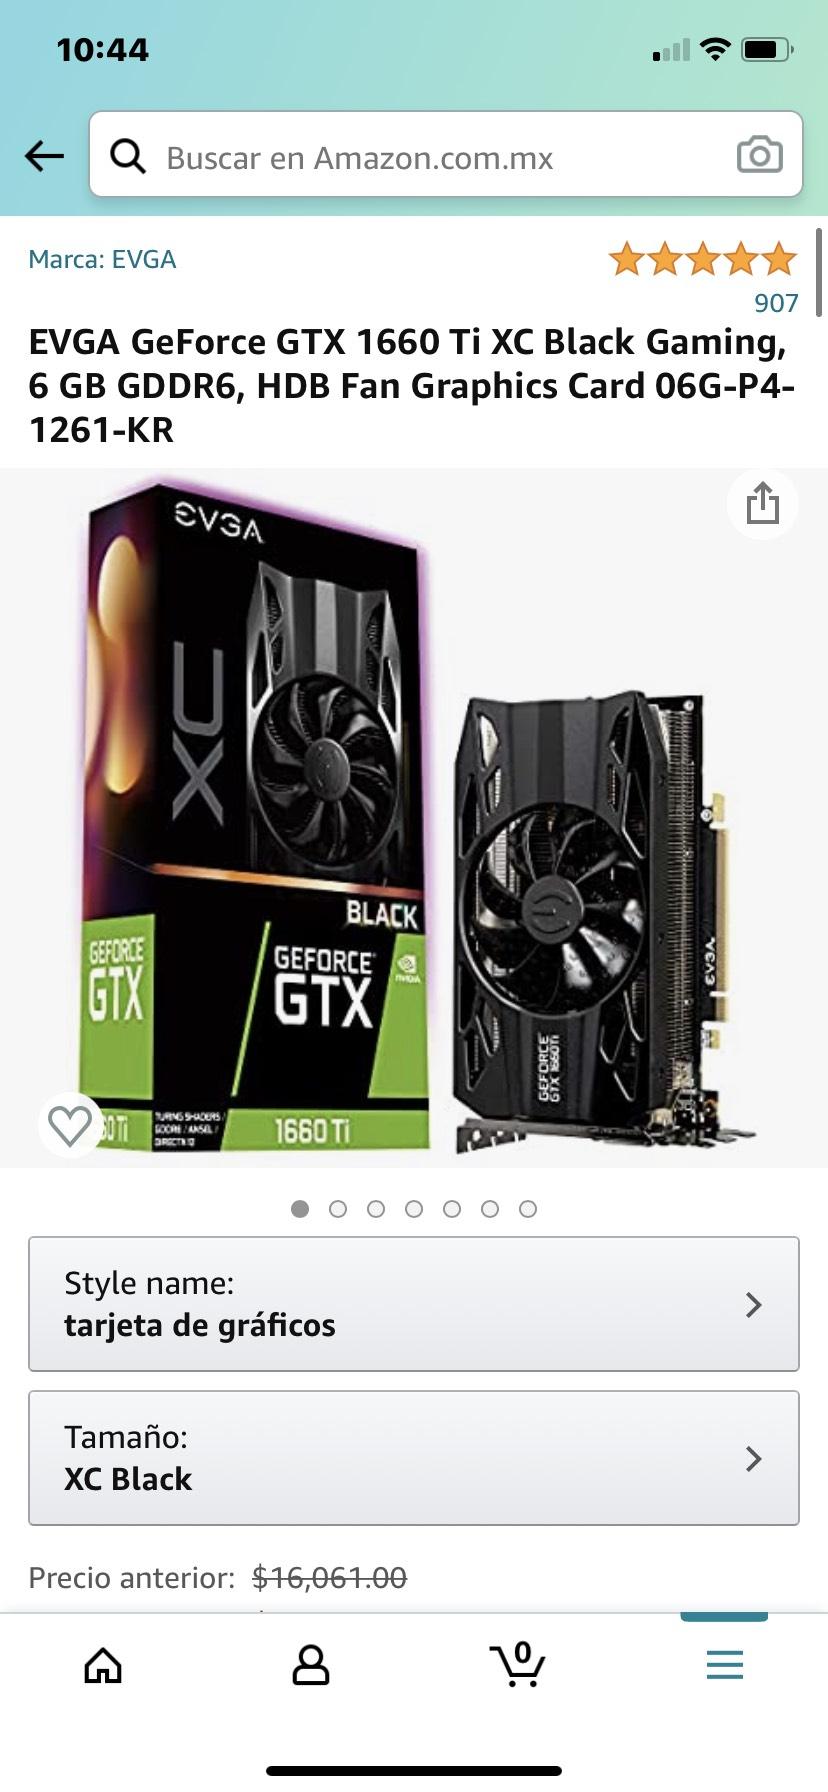 Amazon: EVGA GeForce GTX 1660 Ti XC Black Gaming